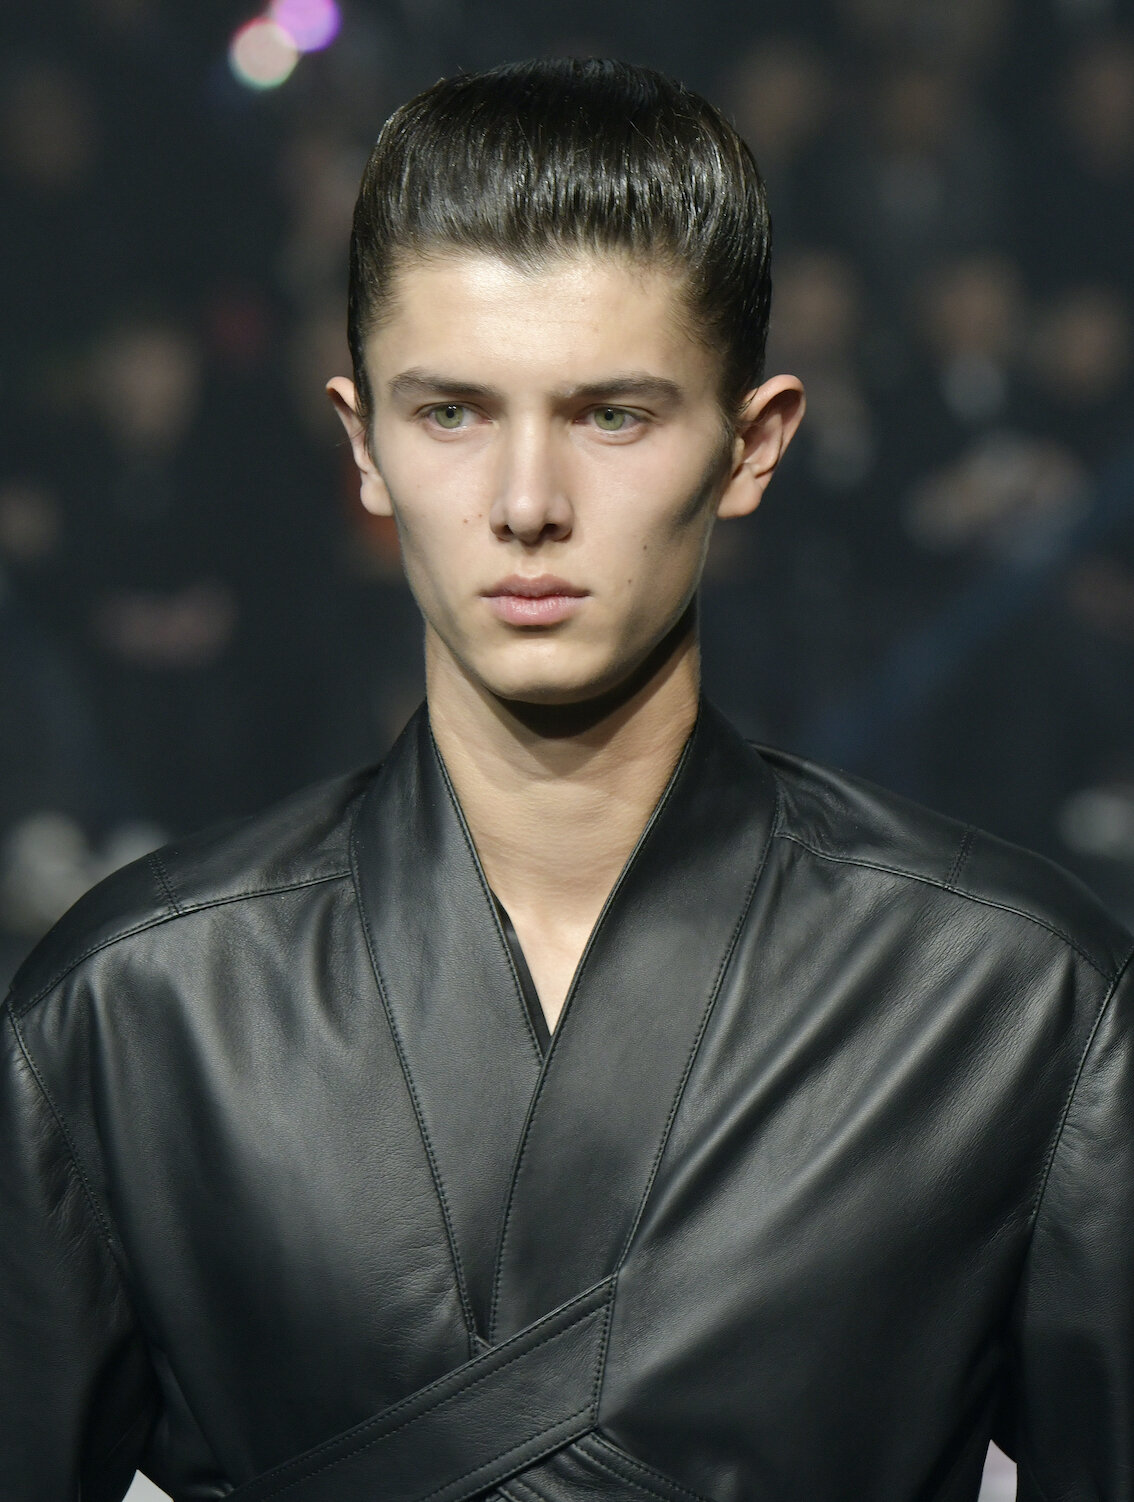 Prinz Nikolai ist als Model erfolgreich. Seine Gagen hat er offenbar in Eigentum investiert.  © picture alliance/dpa